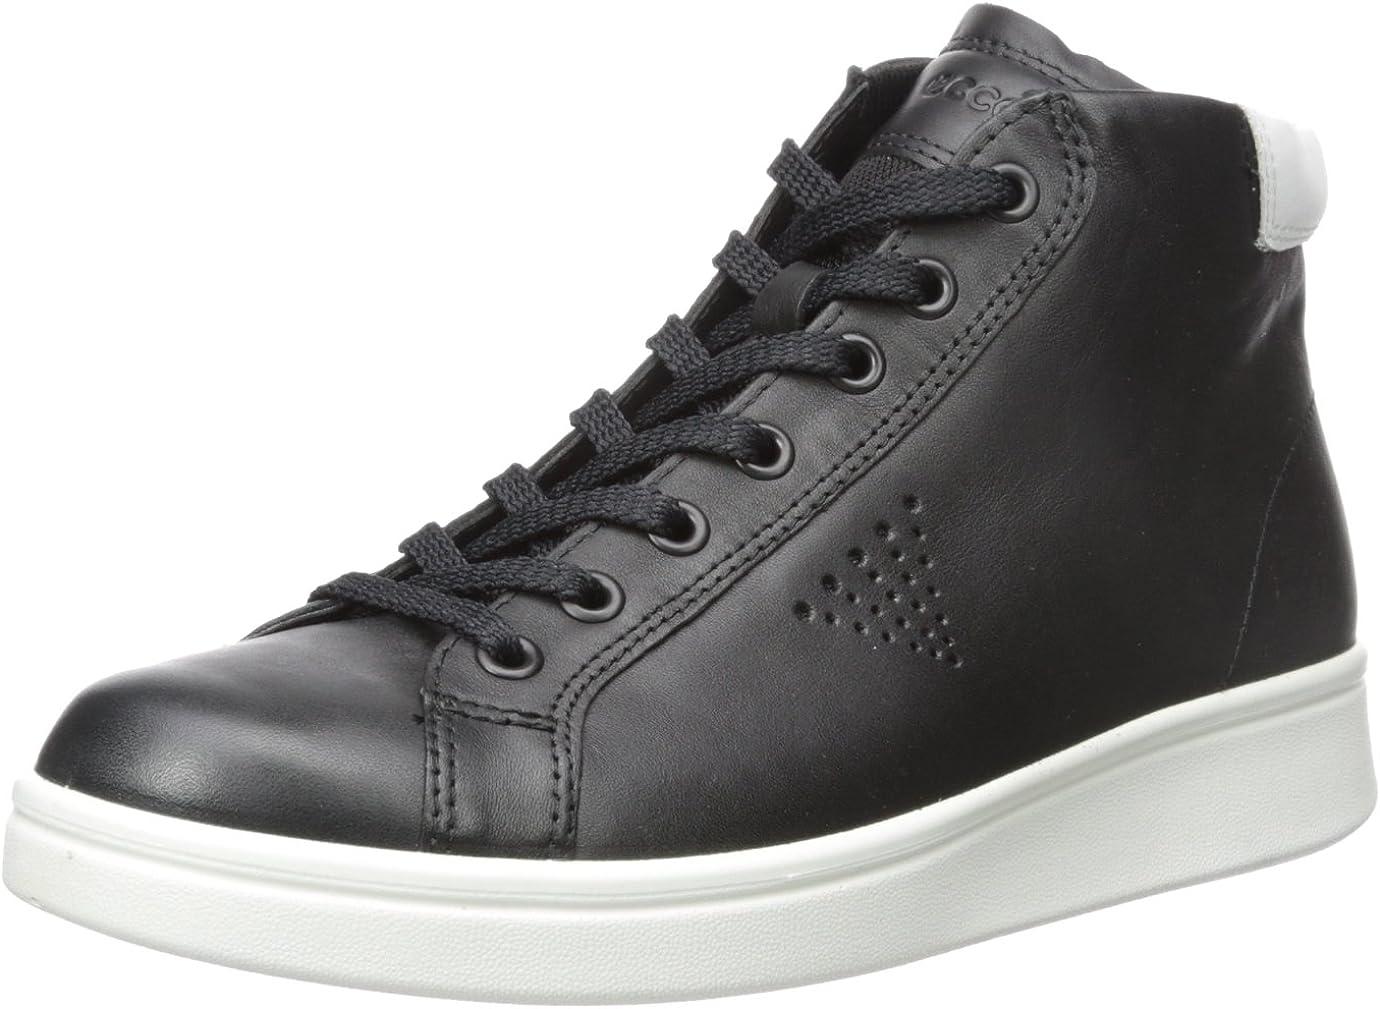 ECCO Women's Soft 4 High Top Fashion Sneaker